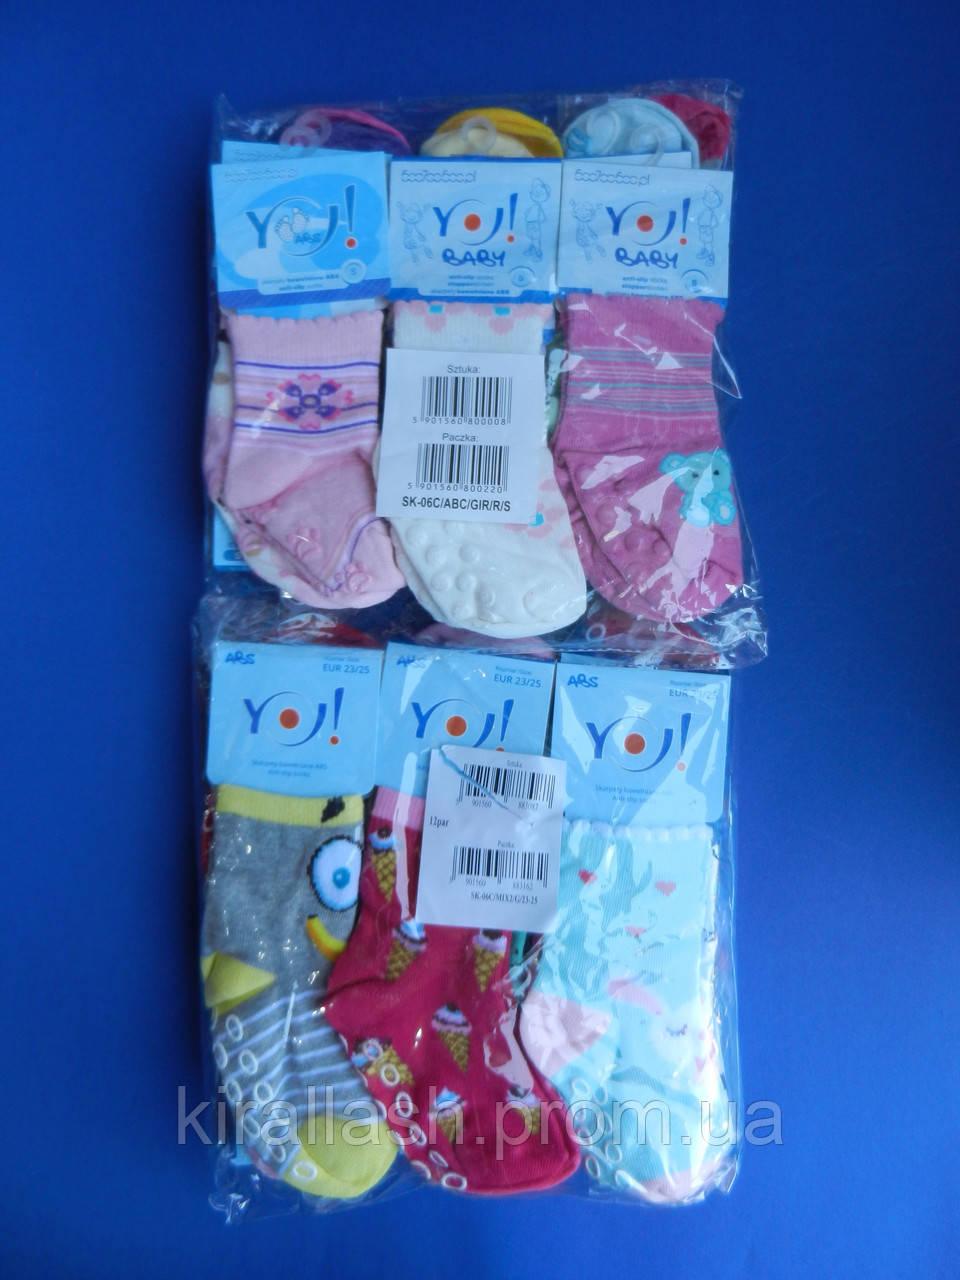 """Носки (SS 17-18 размер) с ABS хлопок для девочек """"YO SCORPIO"""" с ТОРМОЗАМИ на подошве Польша"""